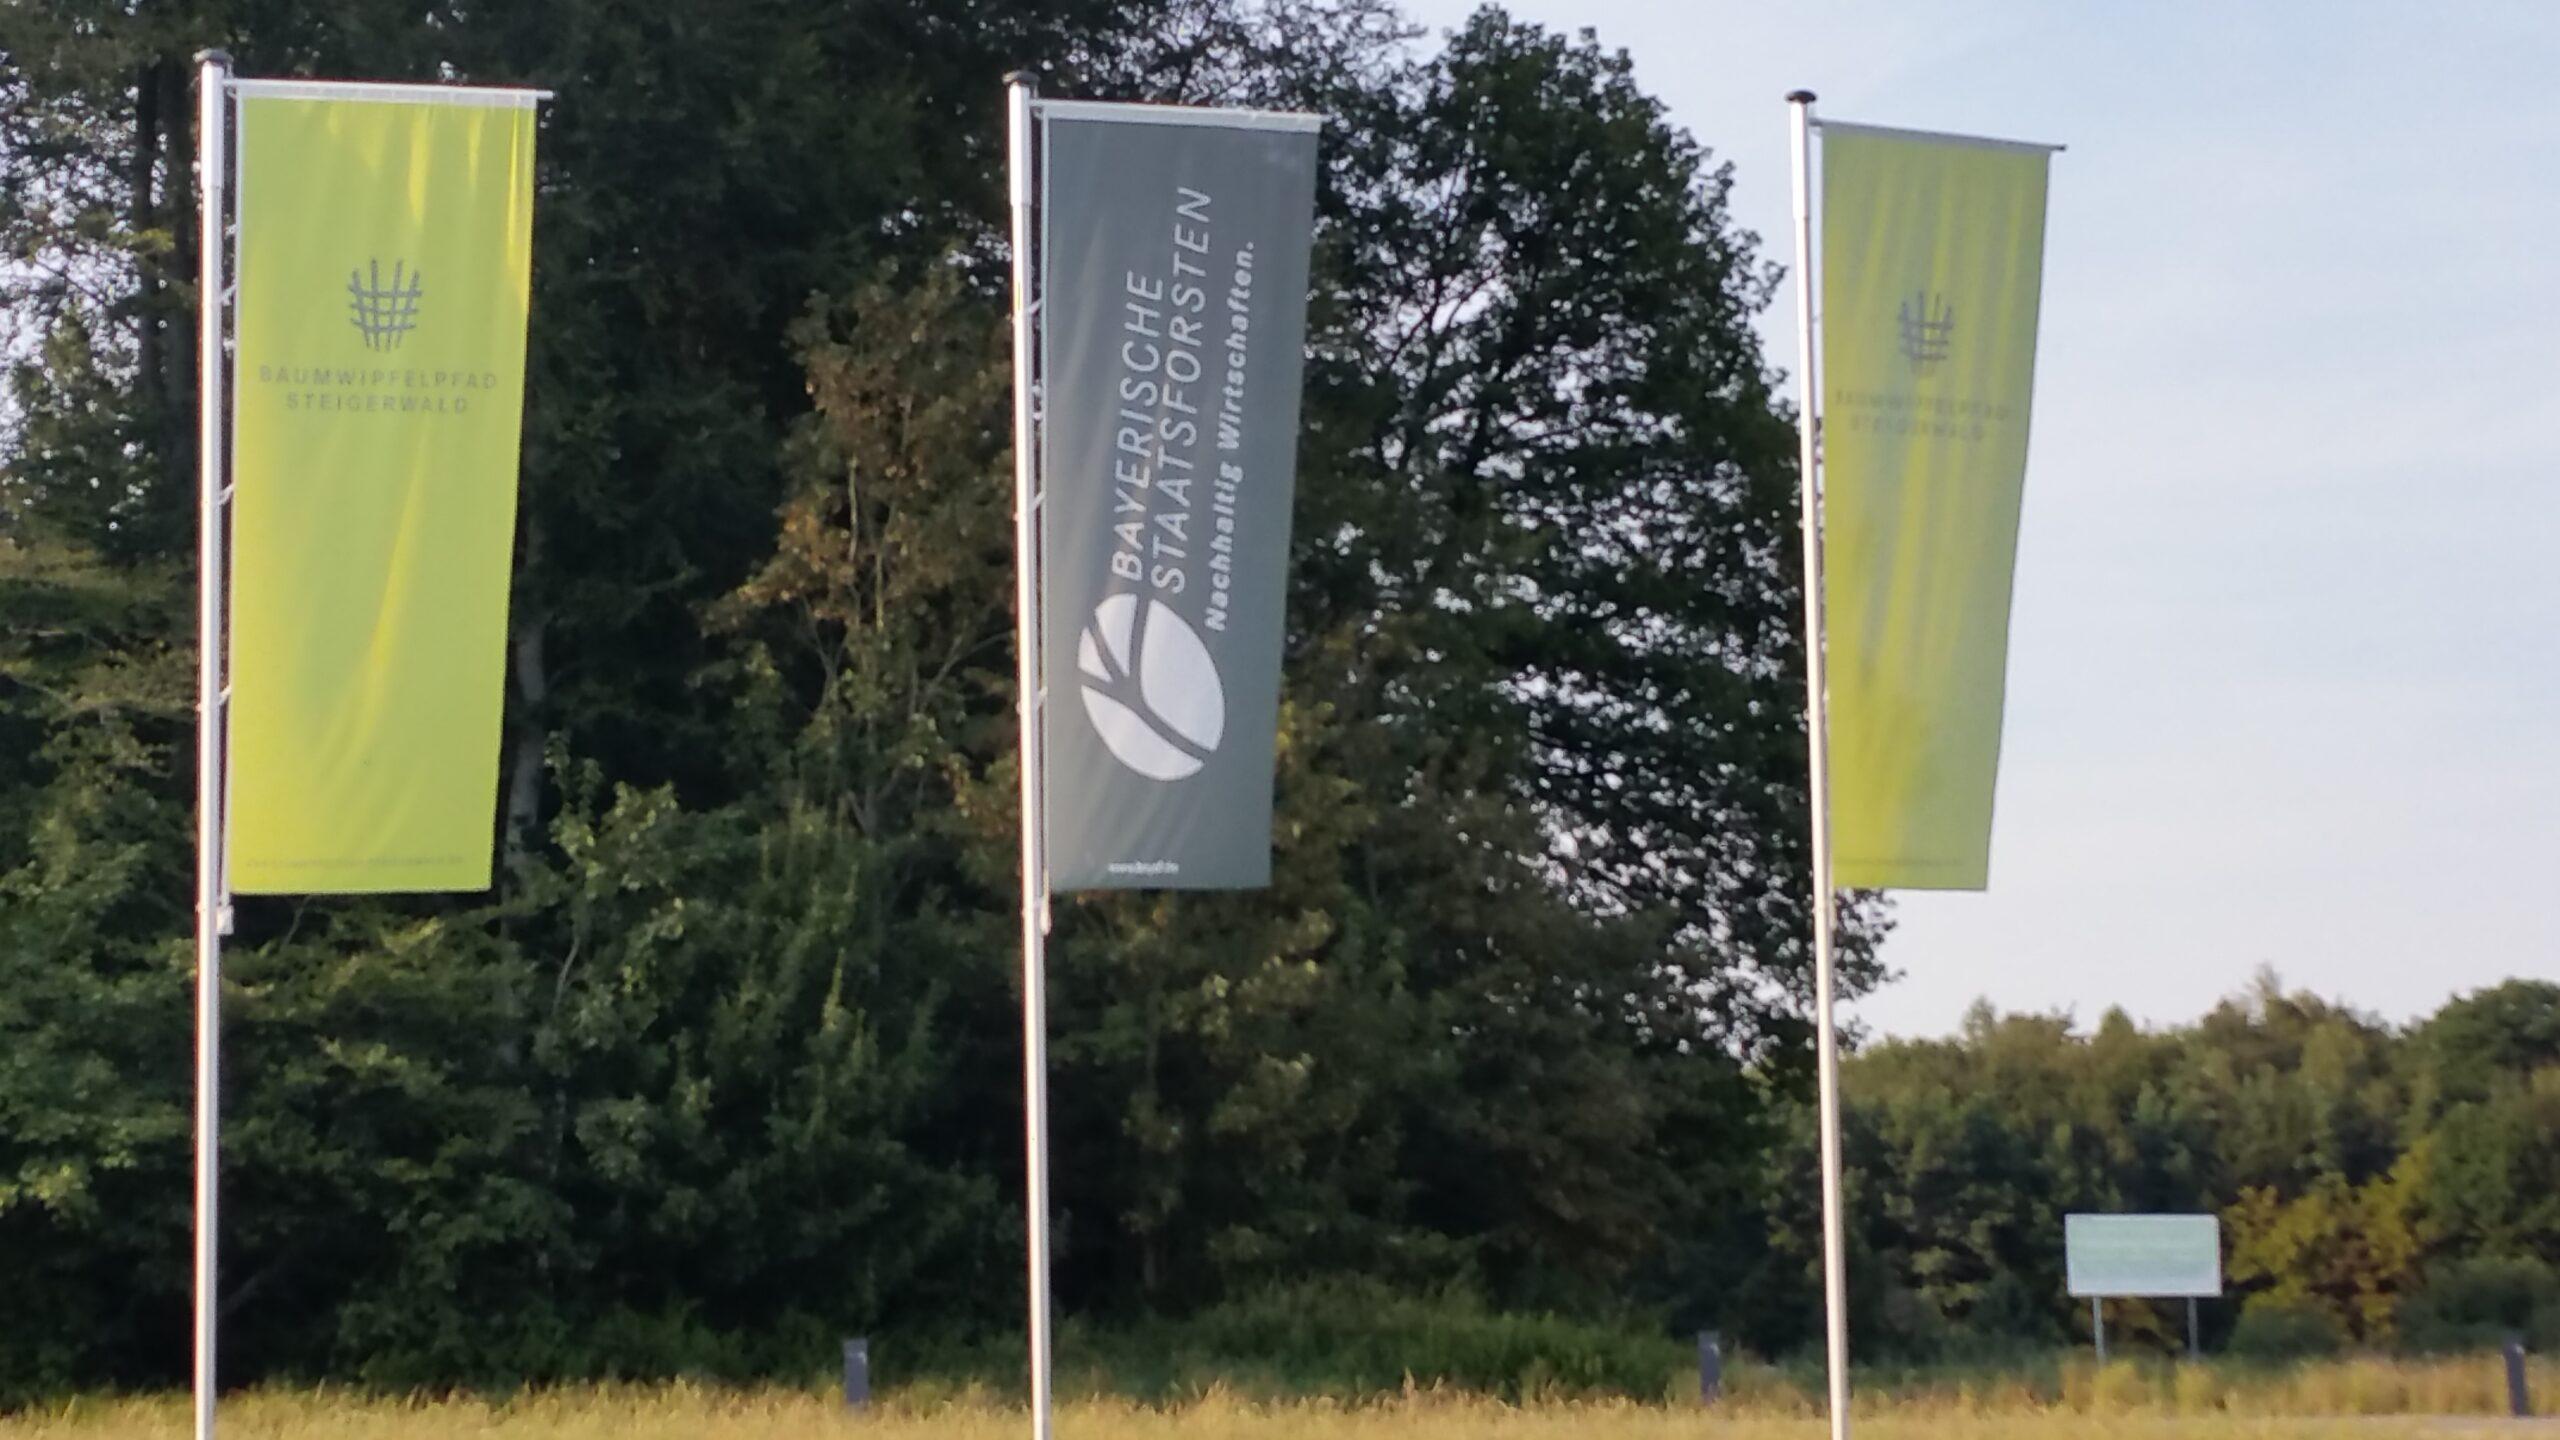 Infozentren statt Waldschutz